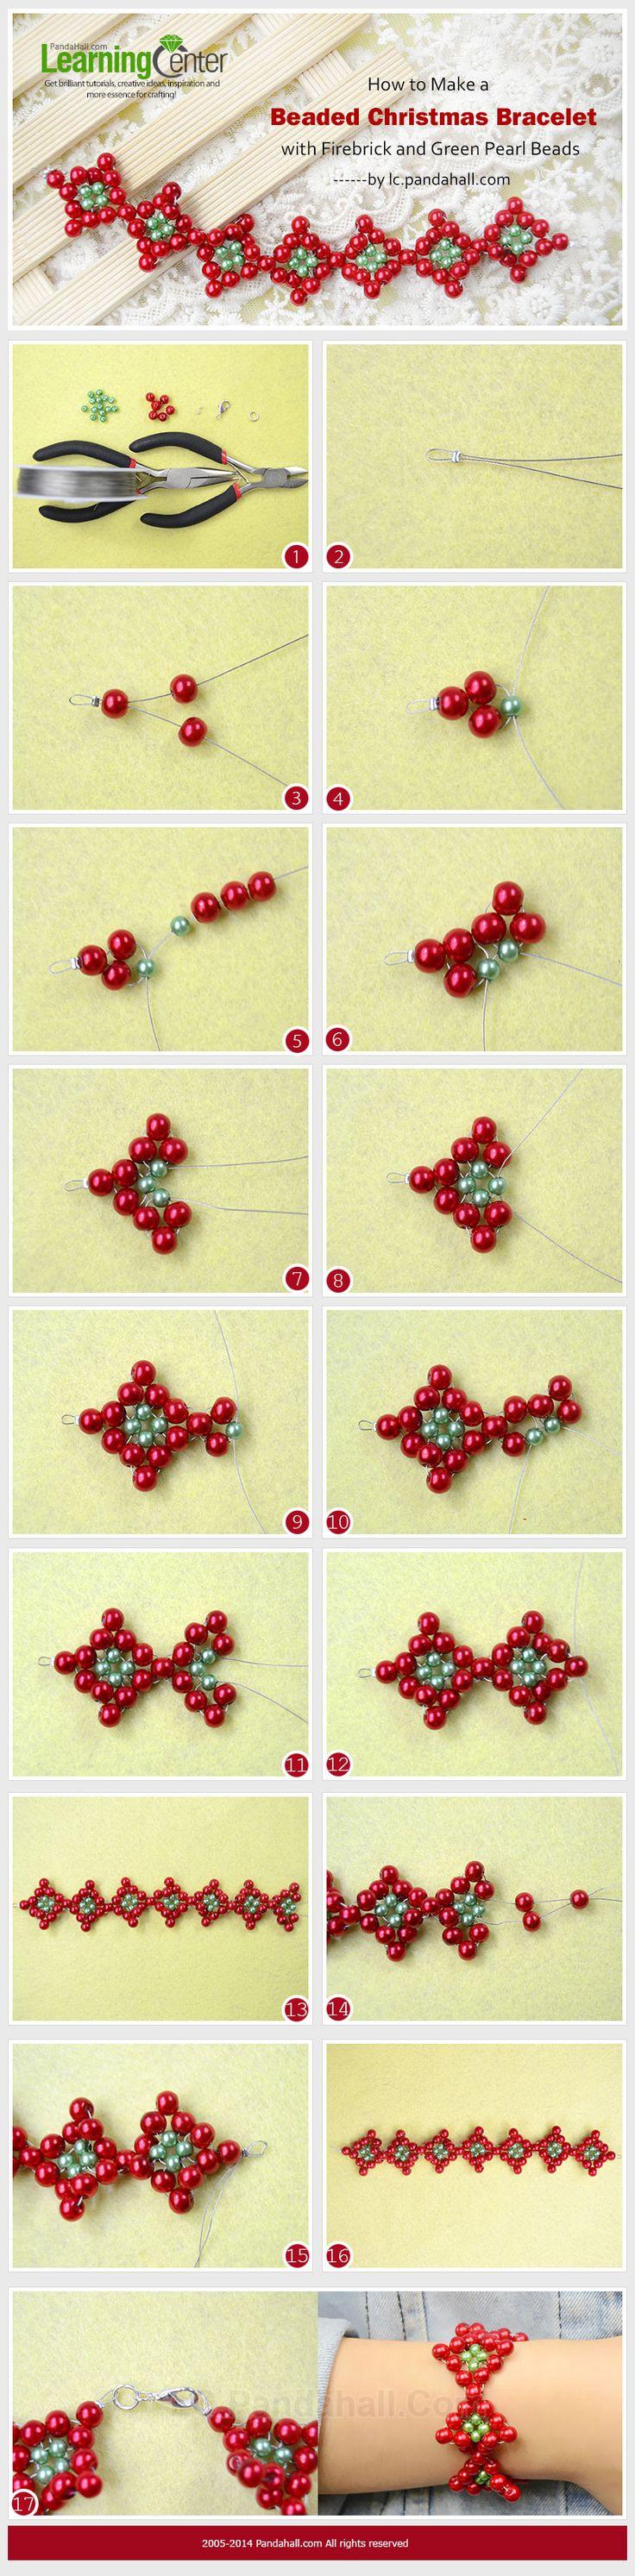 17 Terbaik Ide Tentang Gelang Manik Di Pinterest Perhiasan Manik